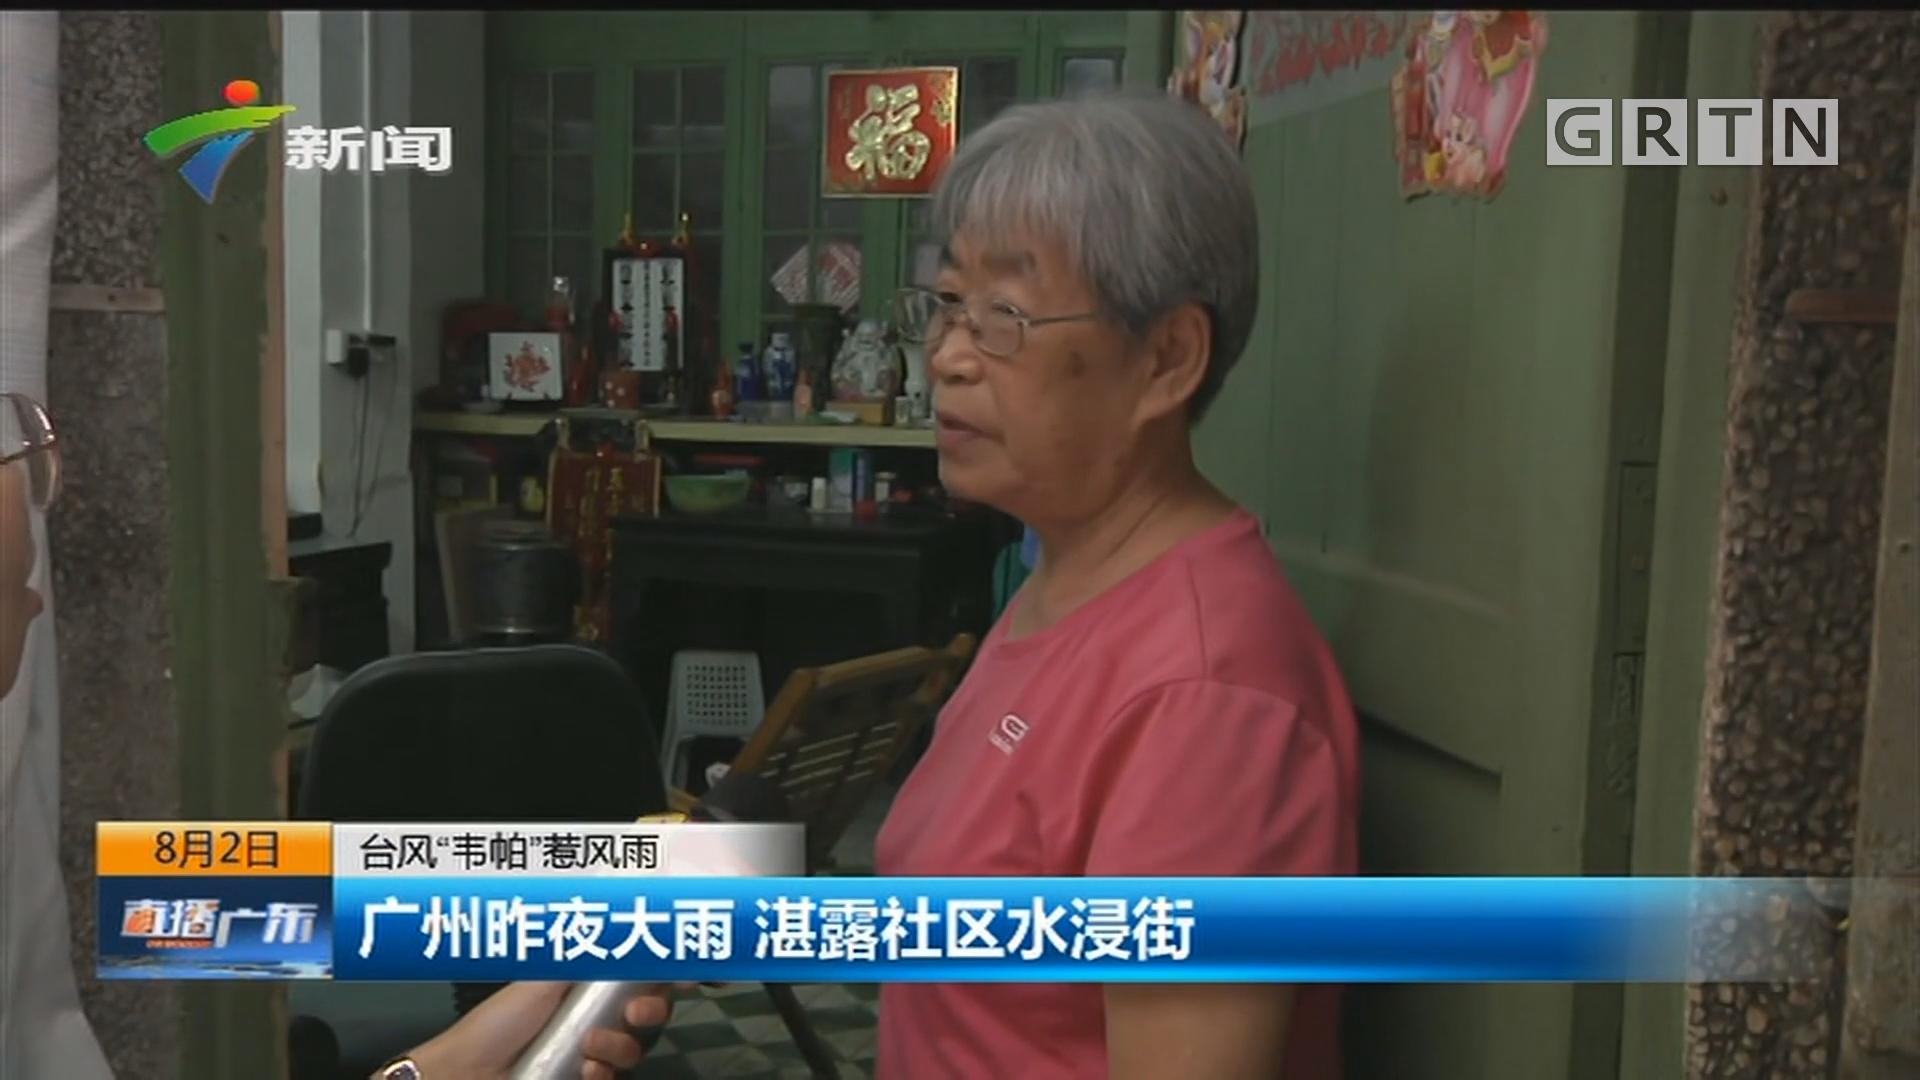 """台风""""韦帕""""惹风雨:广州昨夜大雨 湛露社区水浸街"""